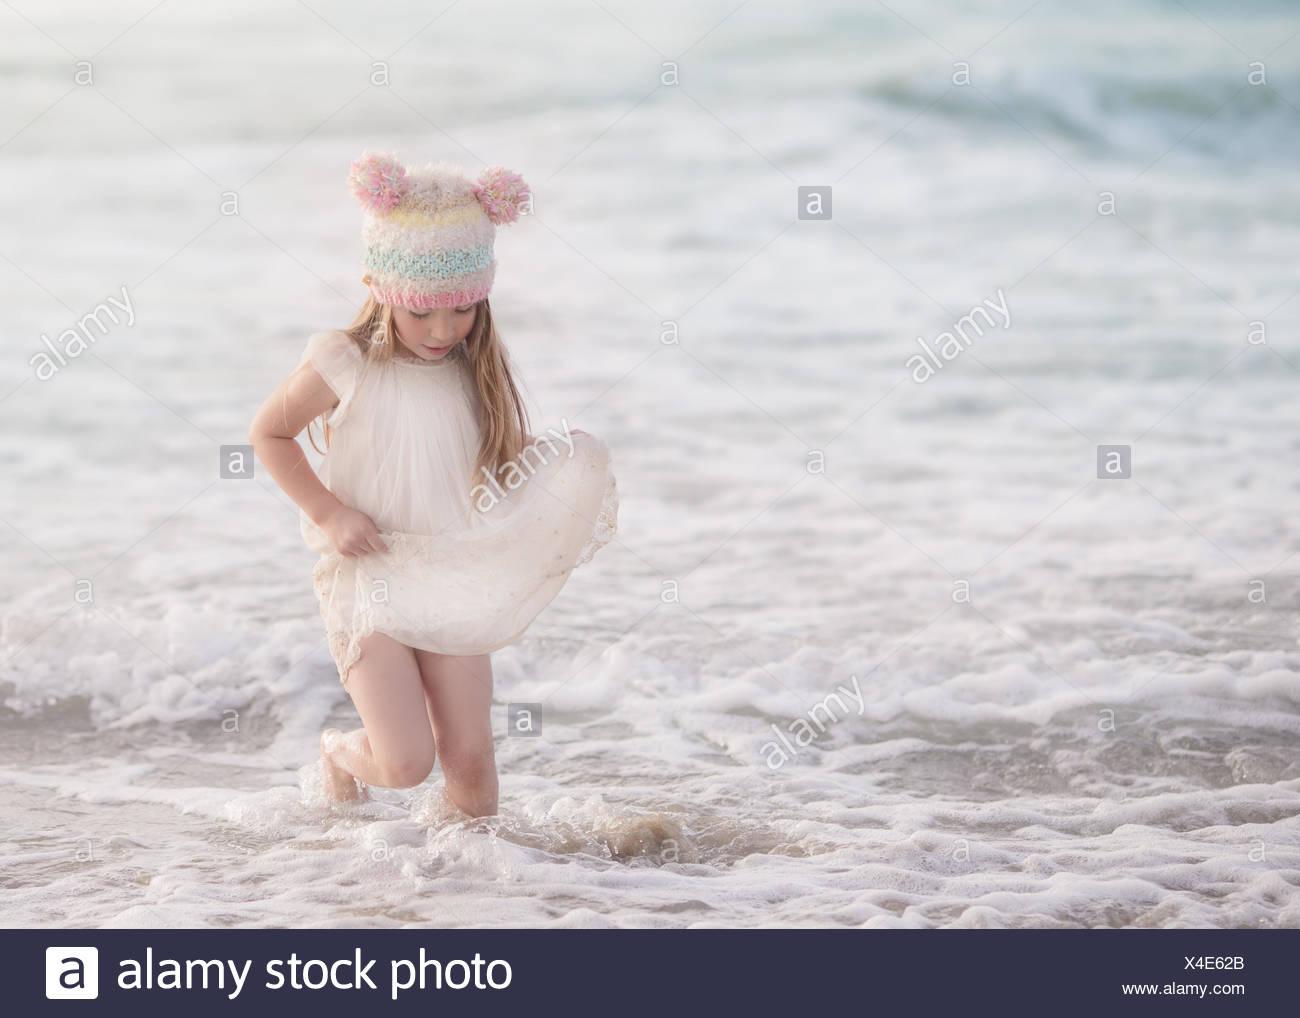 Chica en un vestido caminando en el océano Imagen De Stock